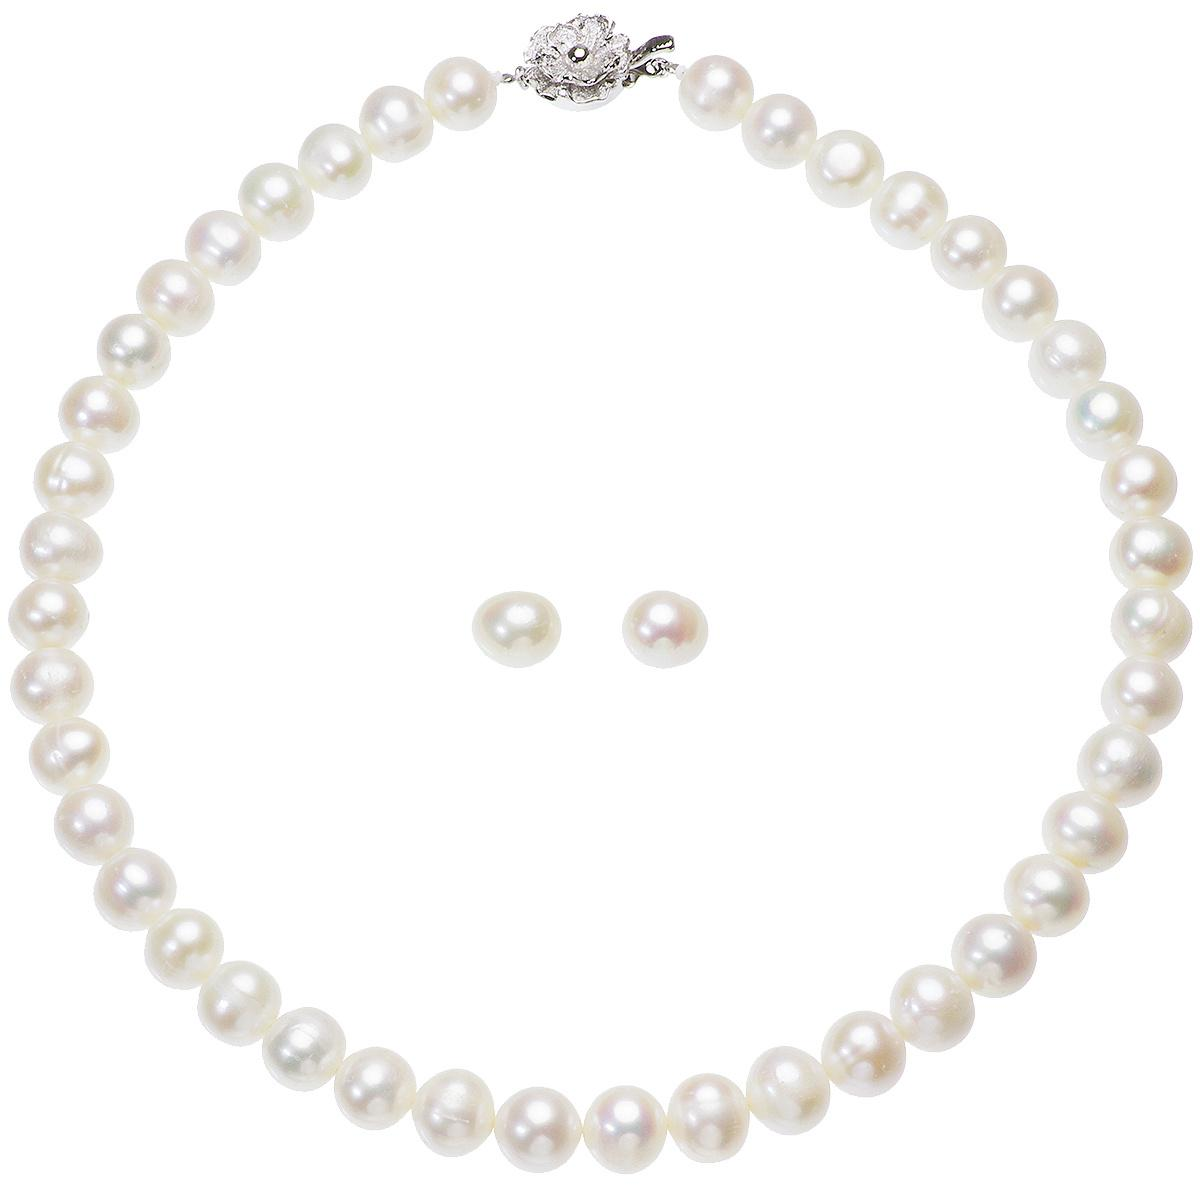 高級 淡水真珠 大粒 パールネックレス 結婚式 約9.0mm-10.5mm ホワイトピアスセットの写真